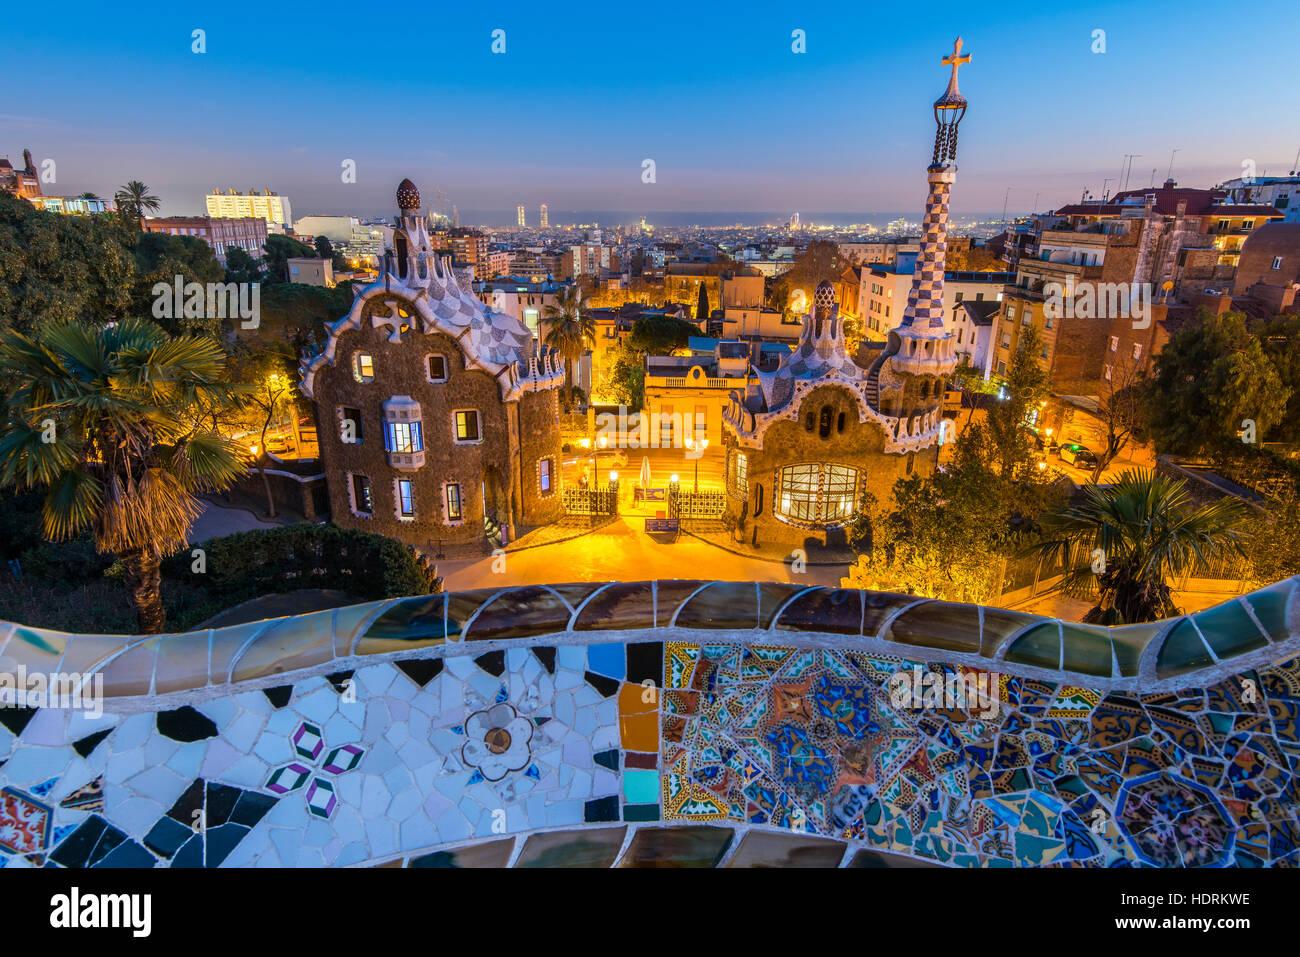 Vista nocturna del Parque Guell con vistas al horizonte de la ciudad detrás, Barcelona, Cataluña, España Imagen De Stock